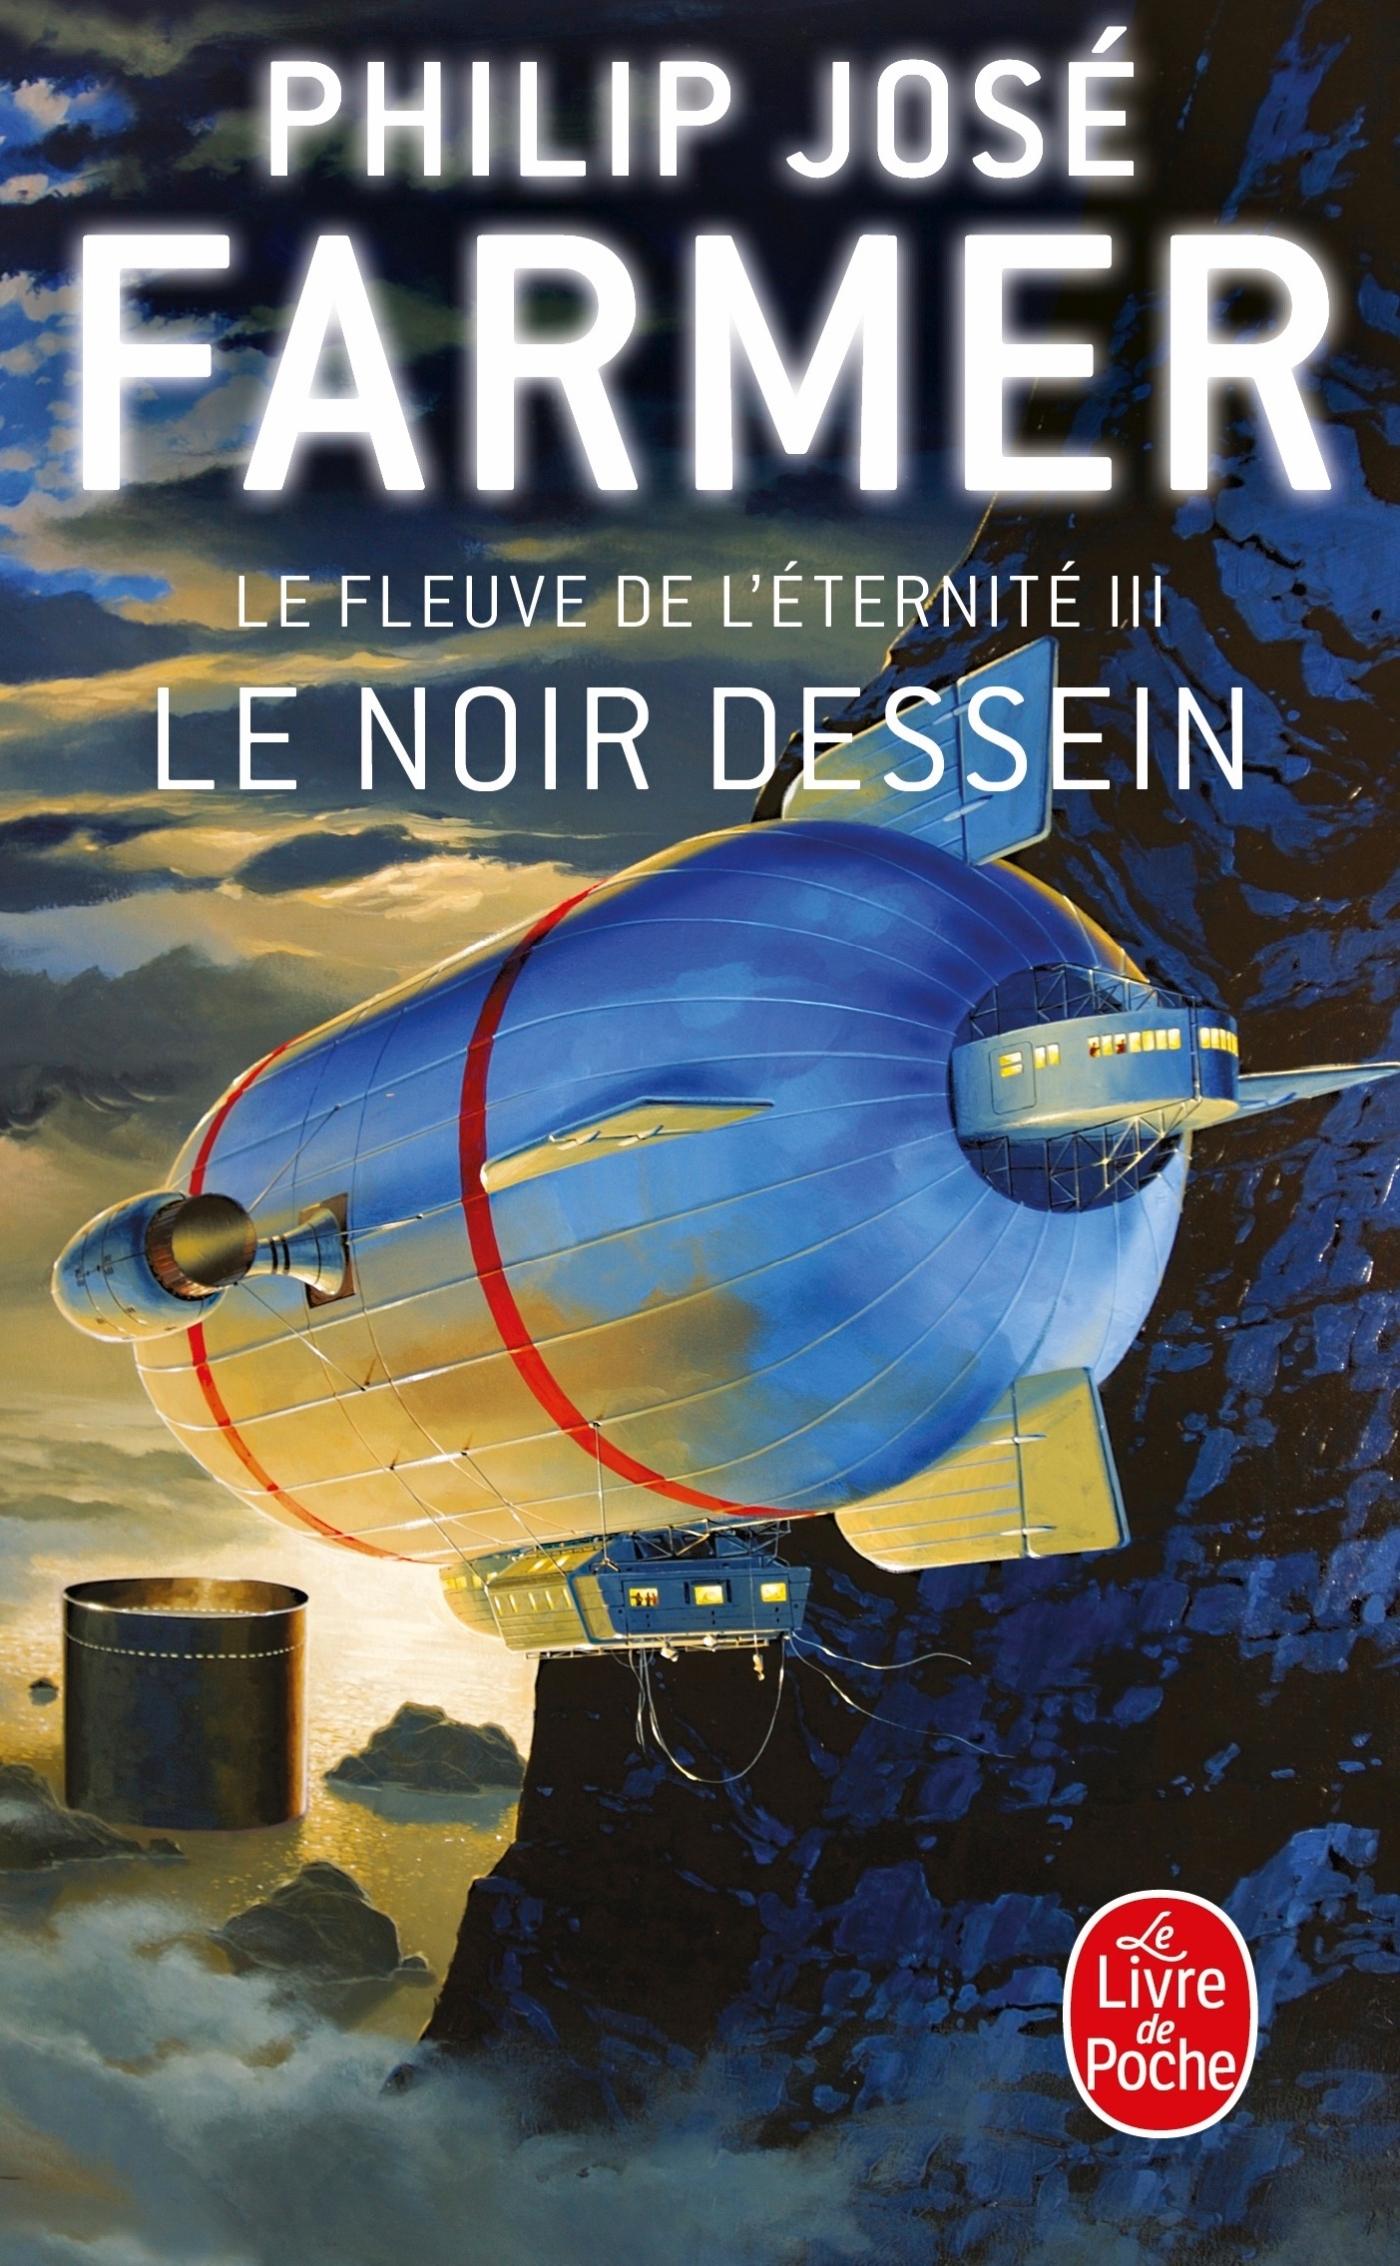 LE NOIR DESSEIN (LE FLEUVE DE L'ETERNITE, TOME 3)